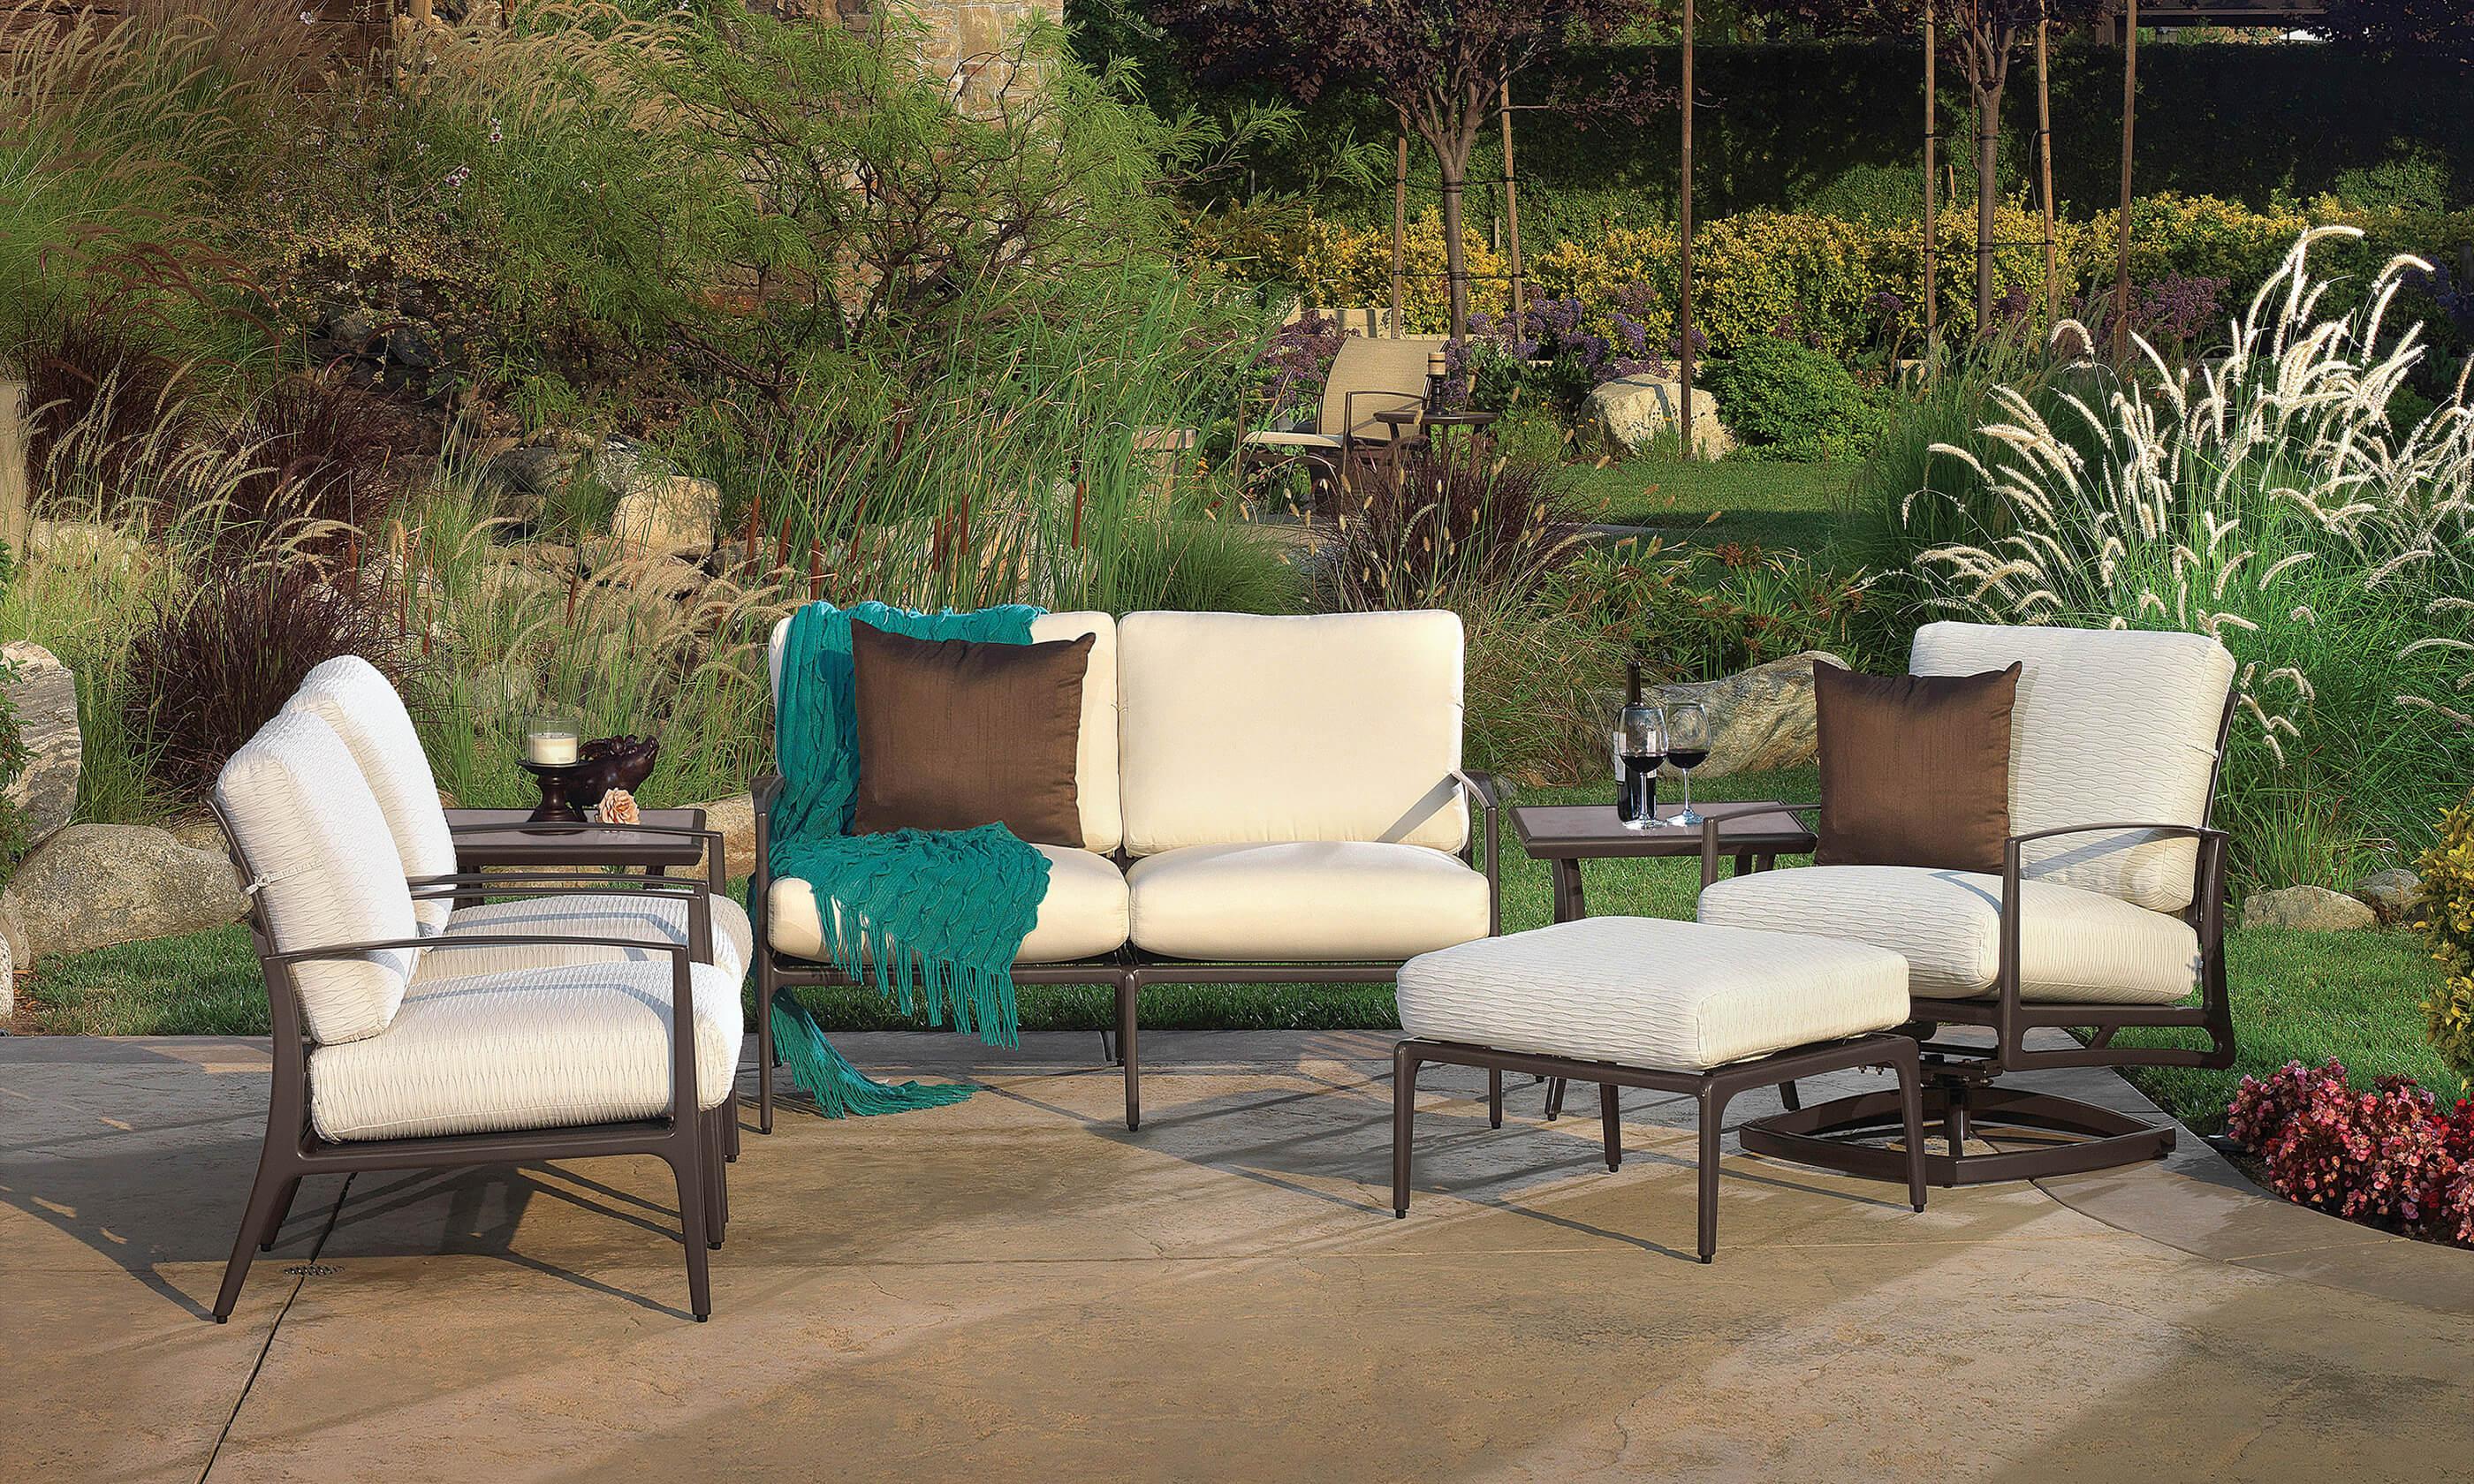 patio apartment photo me phoenix apartments sale concept furniture designs size for unique near used